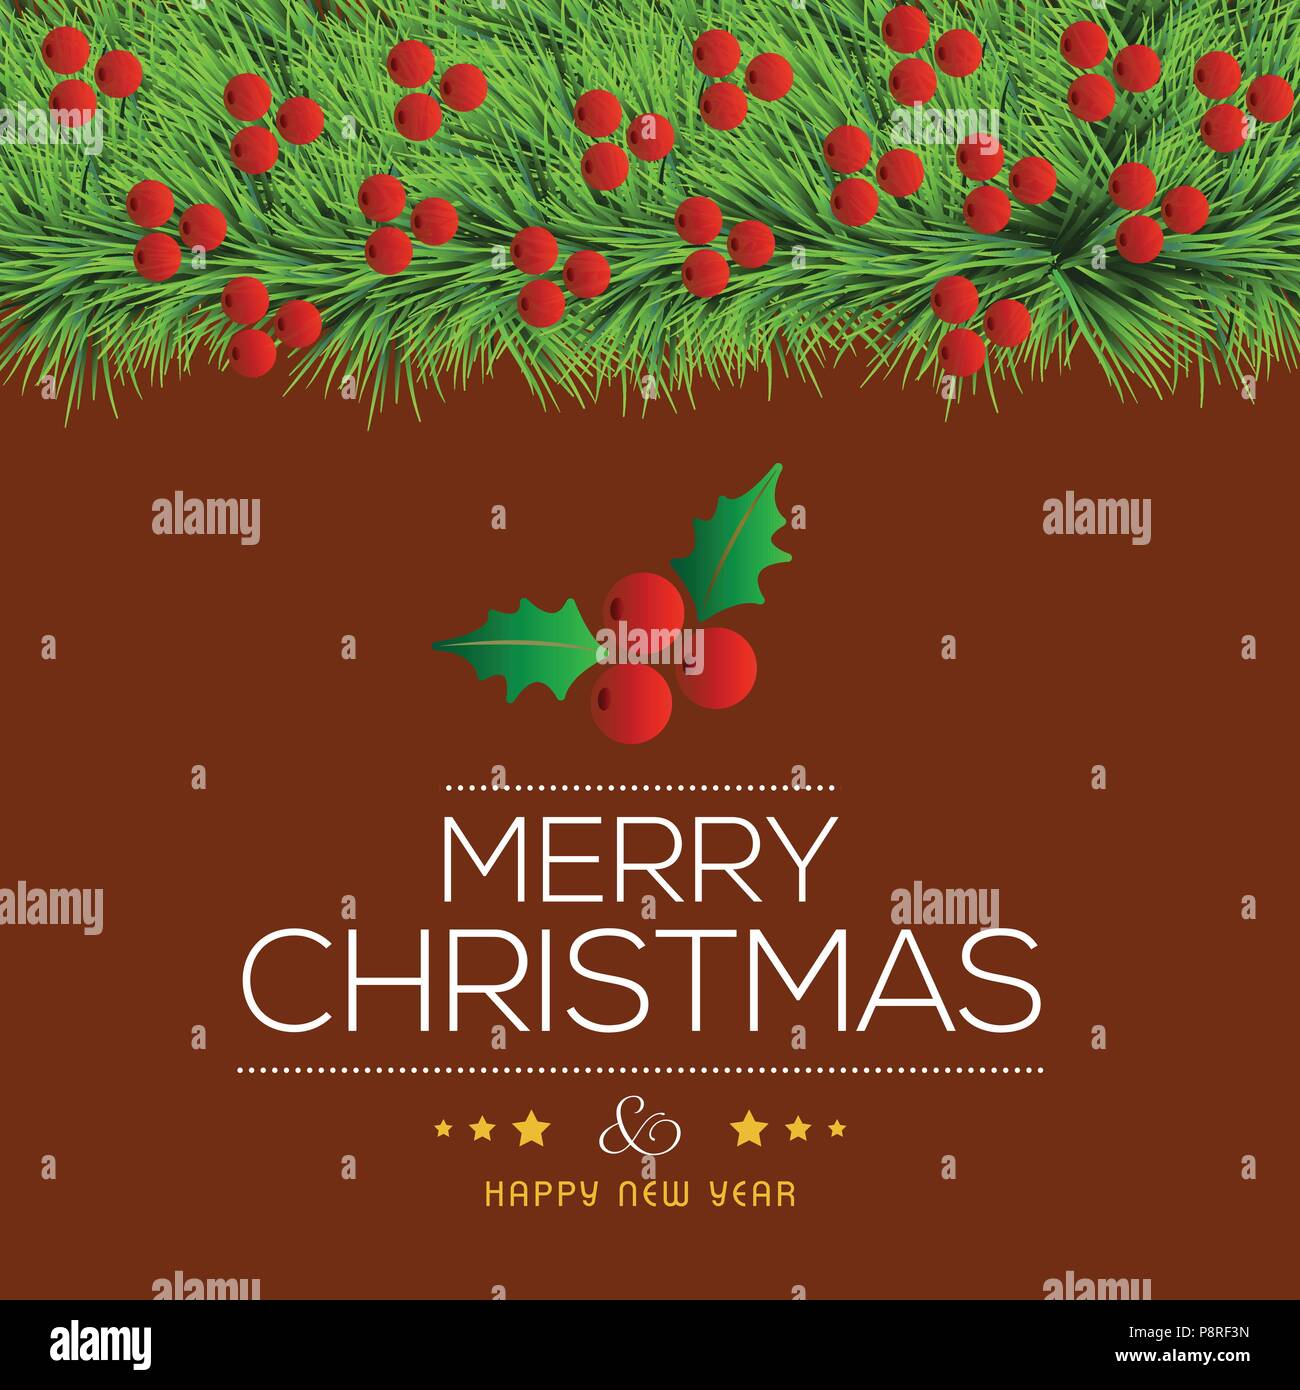 Einfache Weihnachtsgrüße.Weihnachtsgrüße Karte Mit Dunklen Hintergrund Sehr Kugeln Kirschen